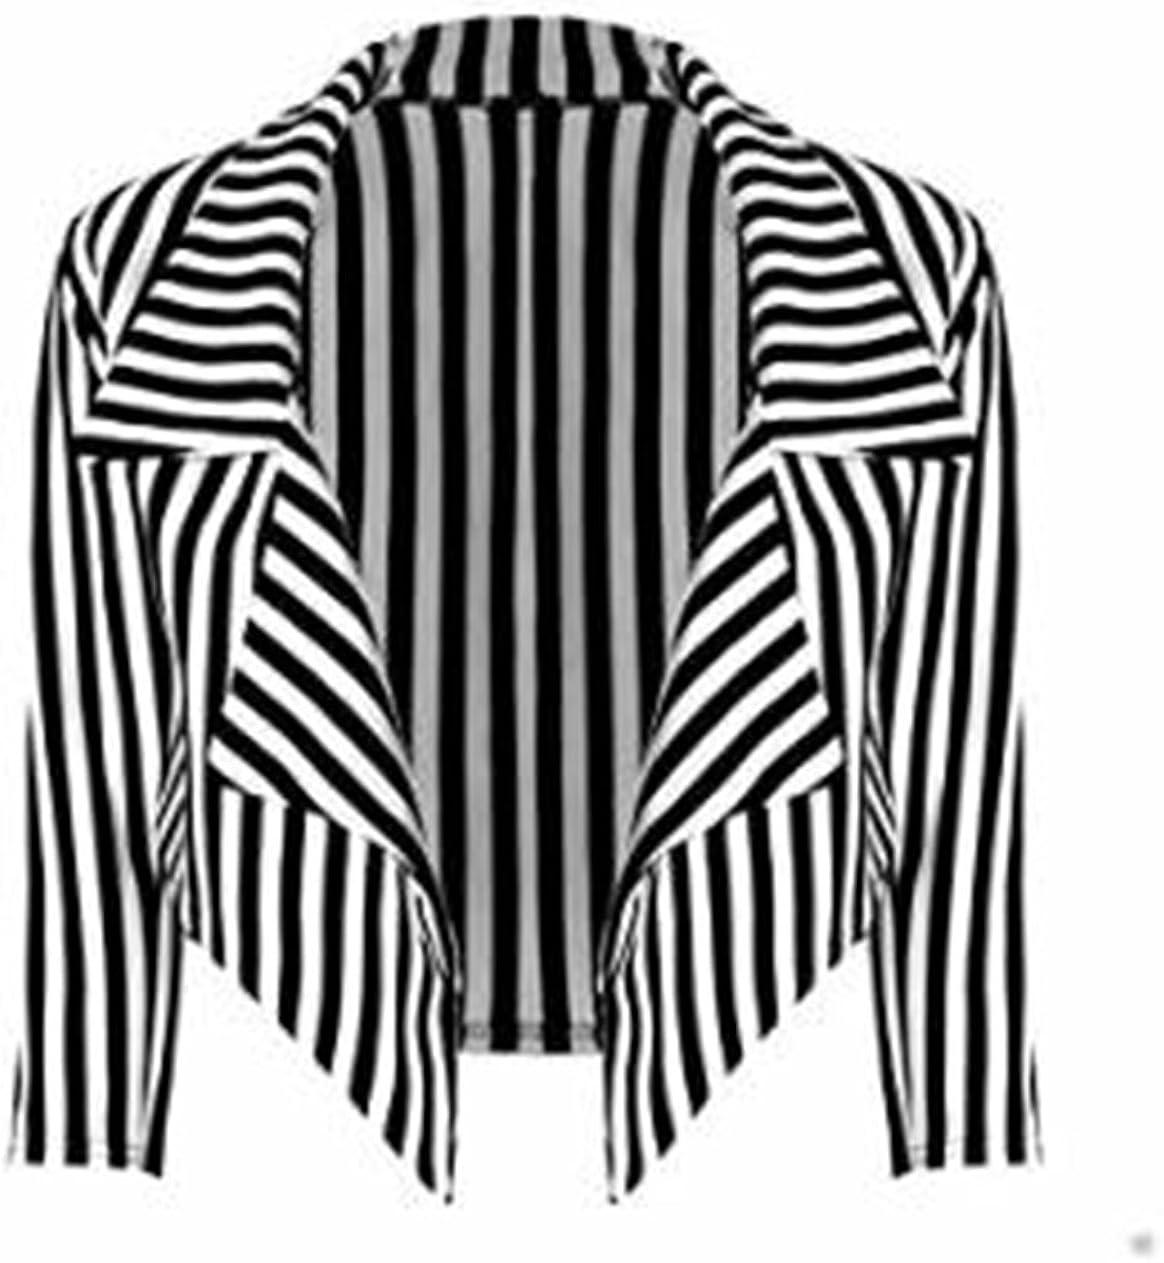 Fashion Essentials- Women's Stripe Print Waterfall Style 3/4 Sleeve Crop Blazer Jacket Black White